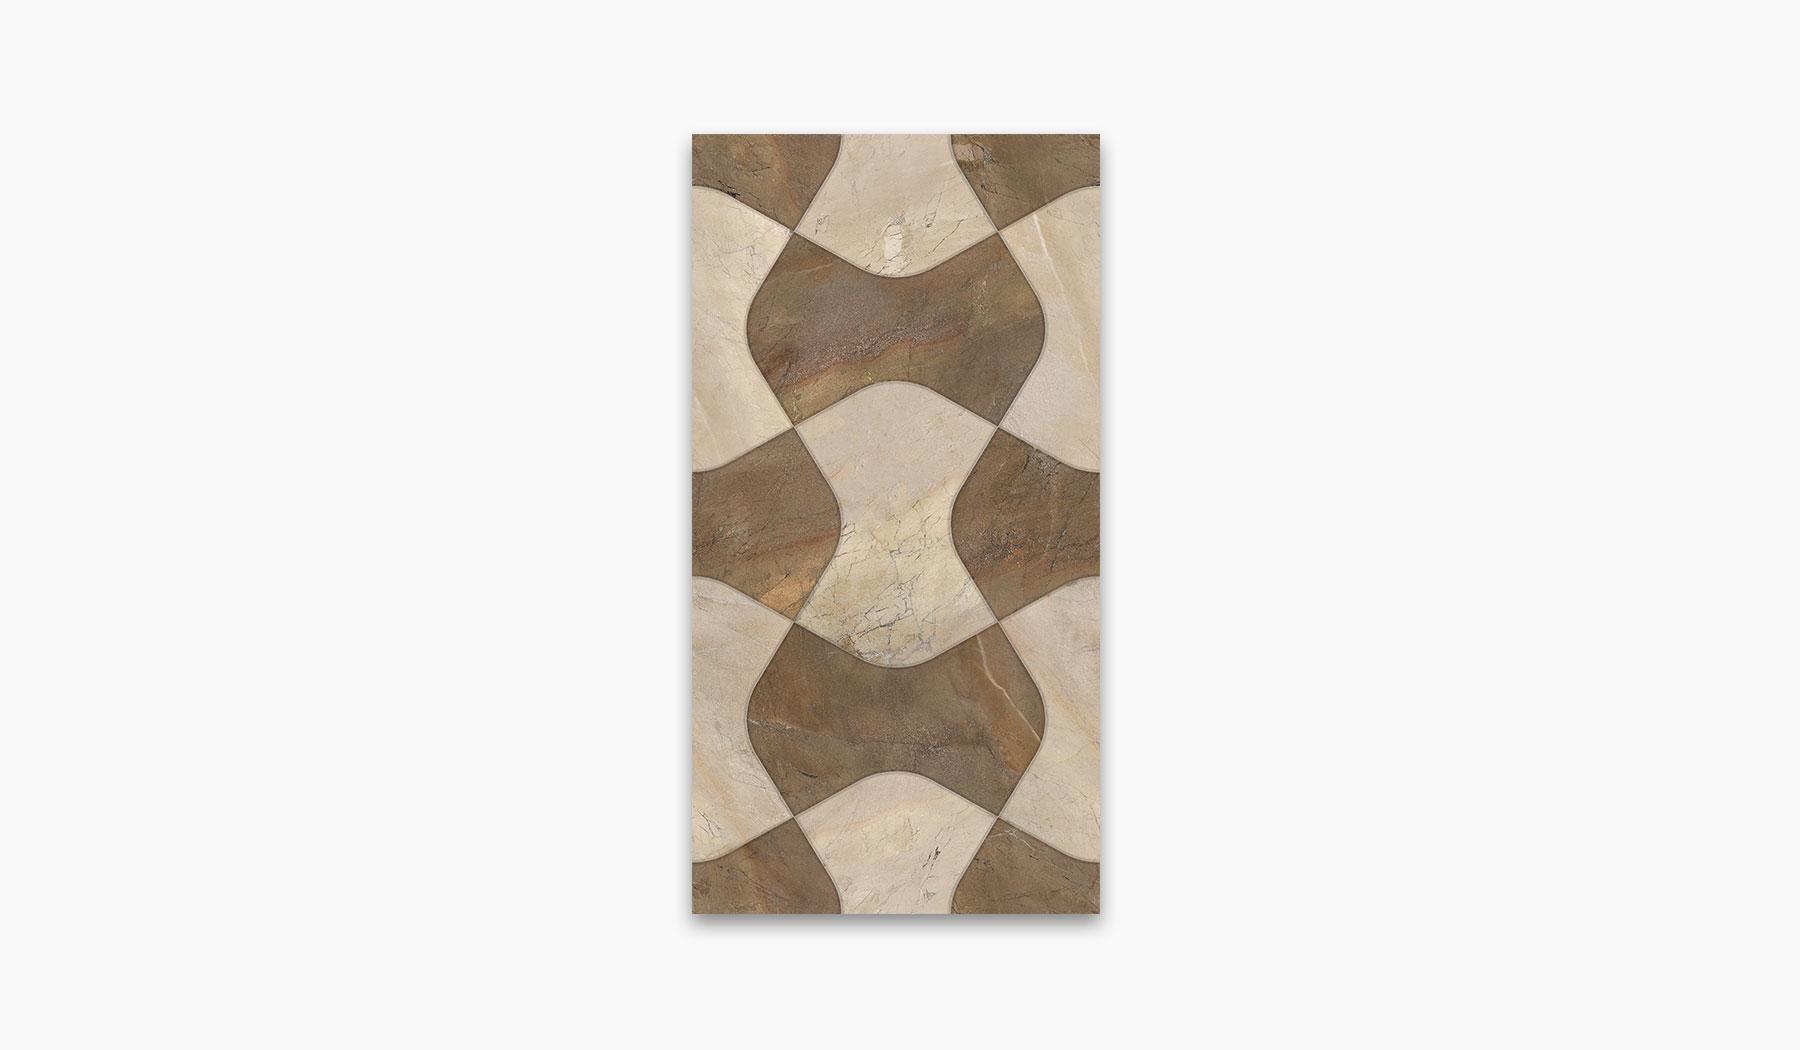 کاشی و سرامیک بوم سرامیک ، کاشی دیوار دکور مانیس کرم قهوه ای سایز 30*60 لعاب براق پانچ با زمینه سنگ